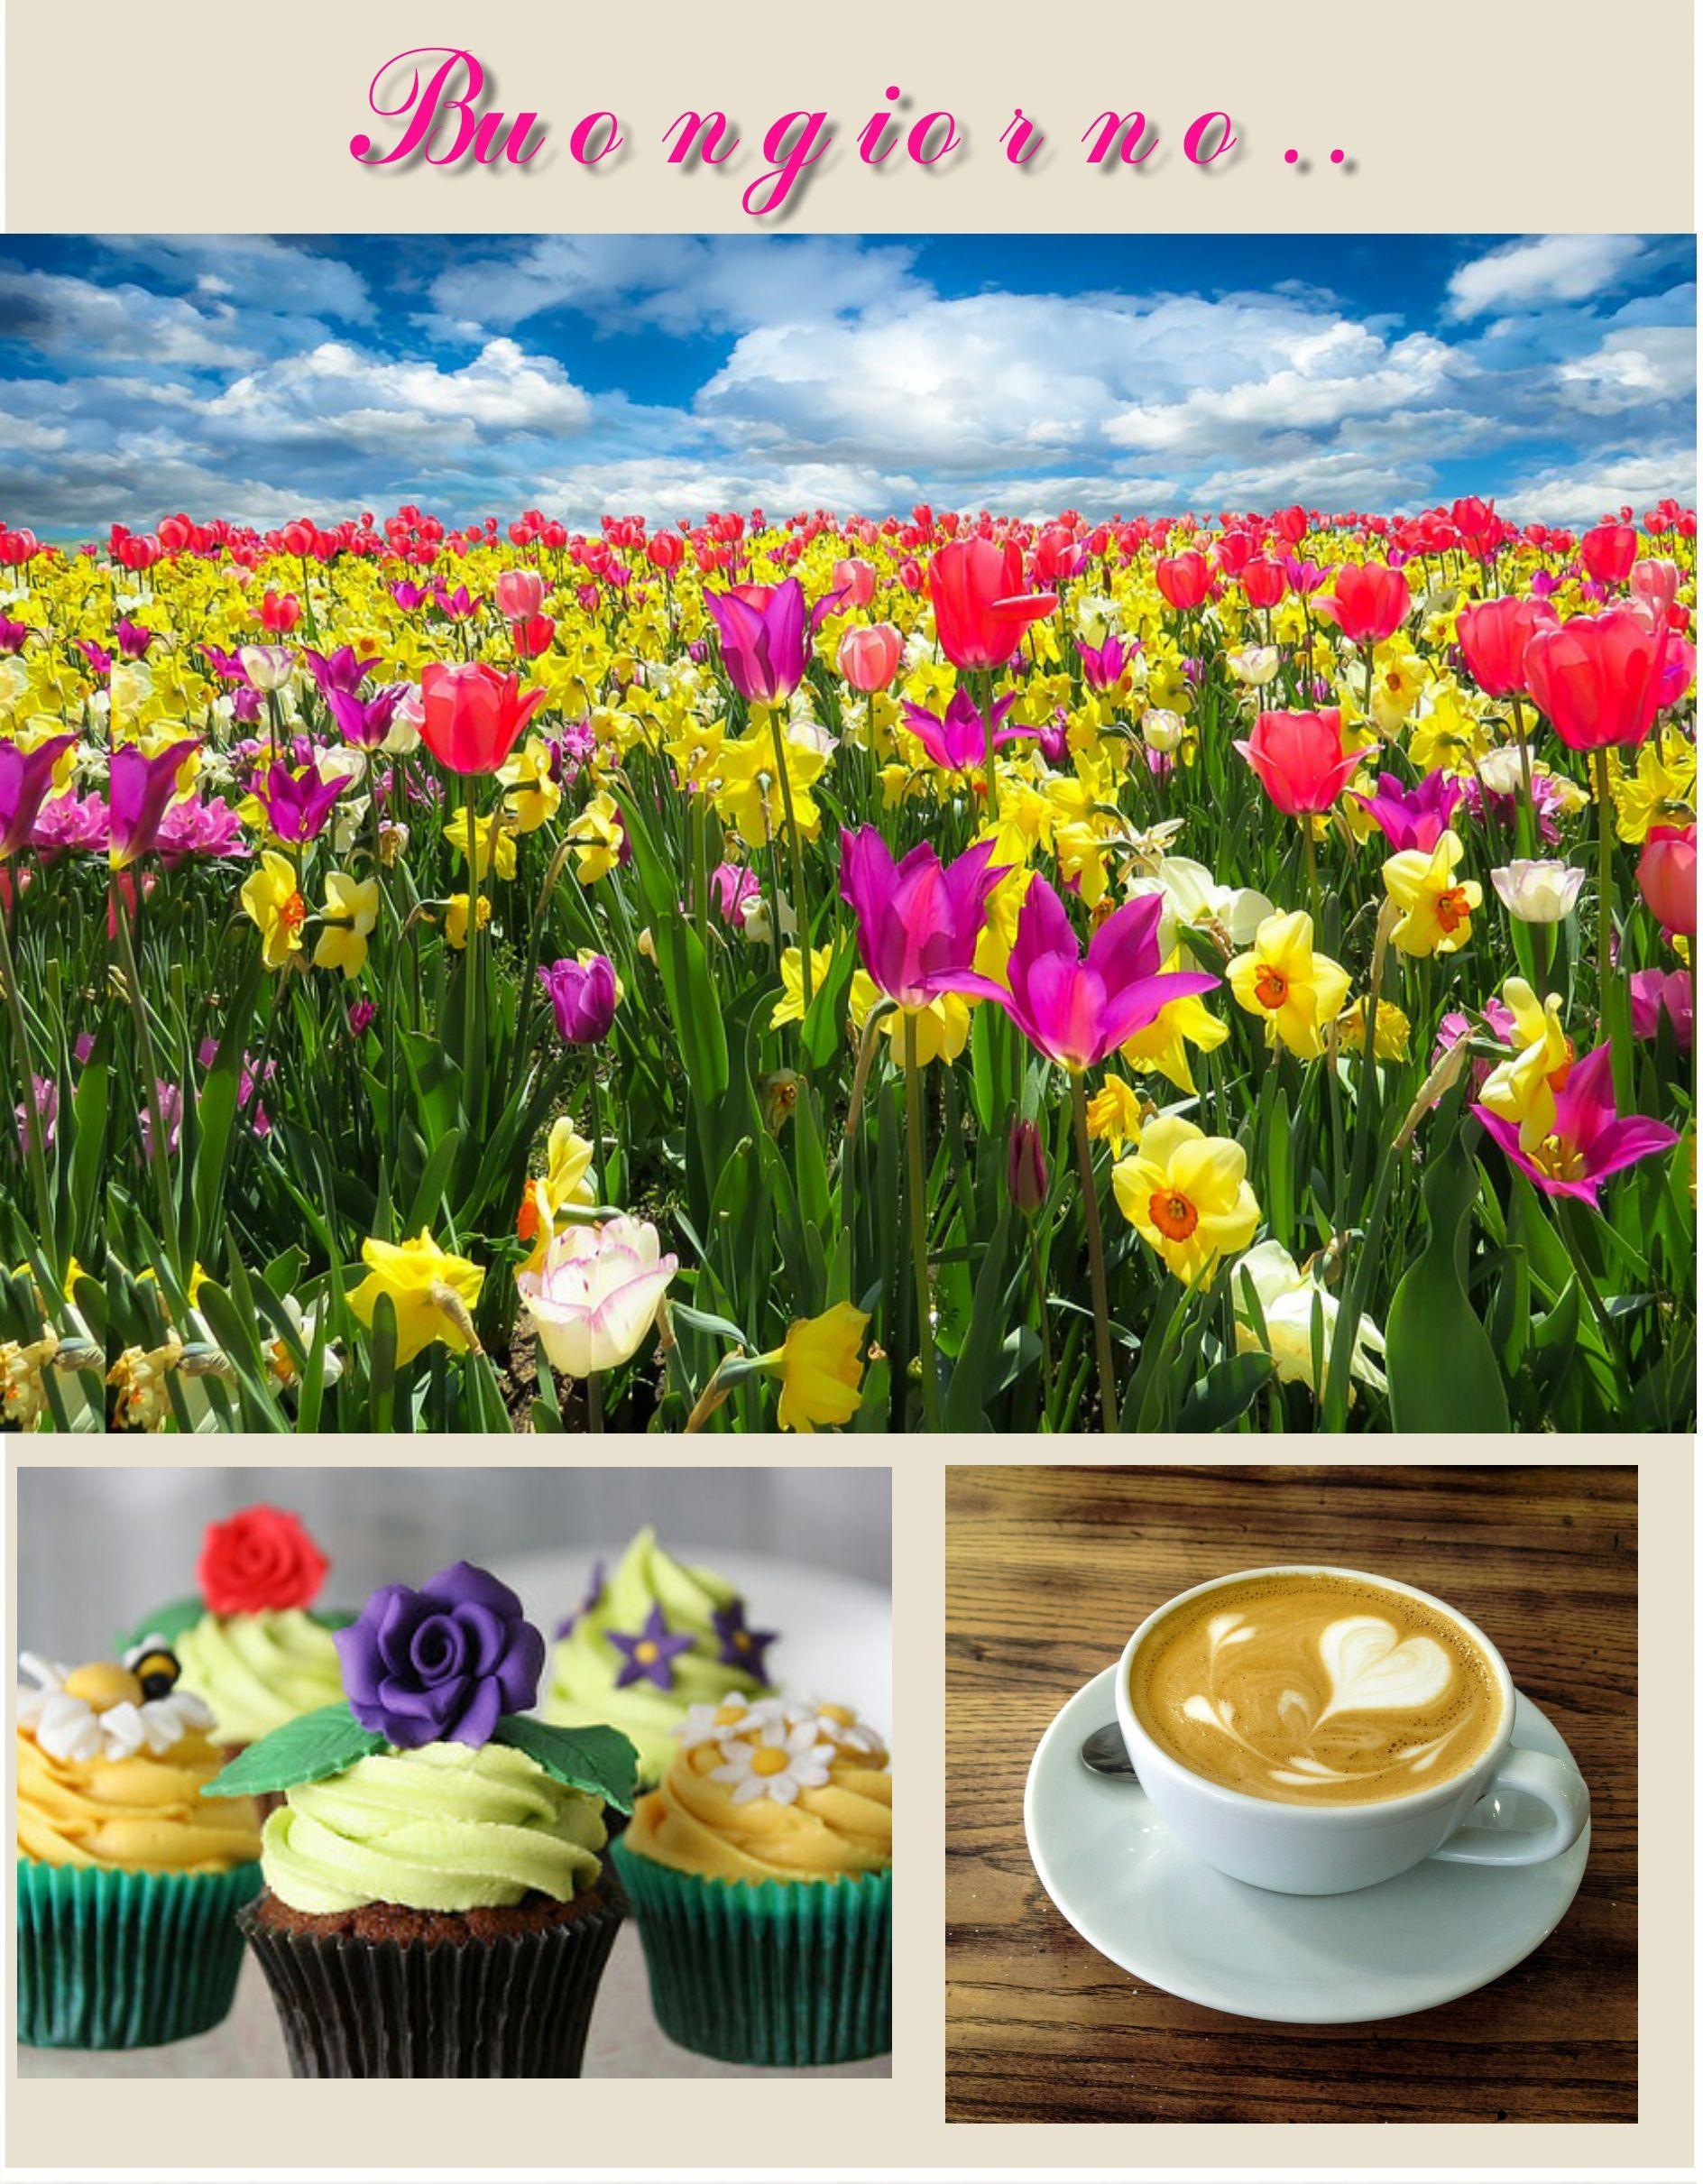 #Buongiorno #goodmorning #dolci #sweet #cuocakes #caffè #coffee #fiori #flowers #primavera #spring #colazione #breakfast